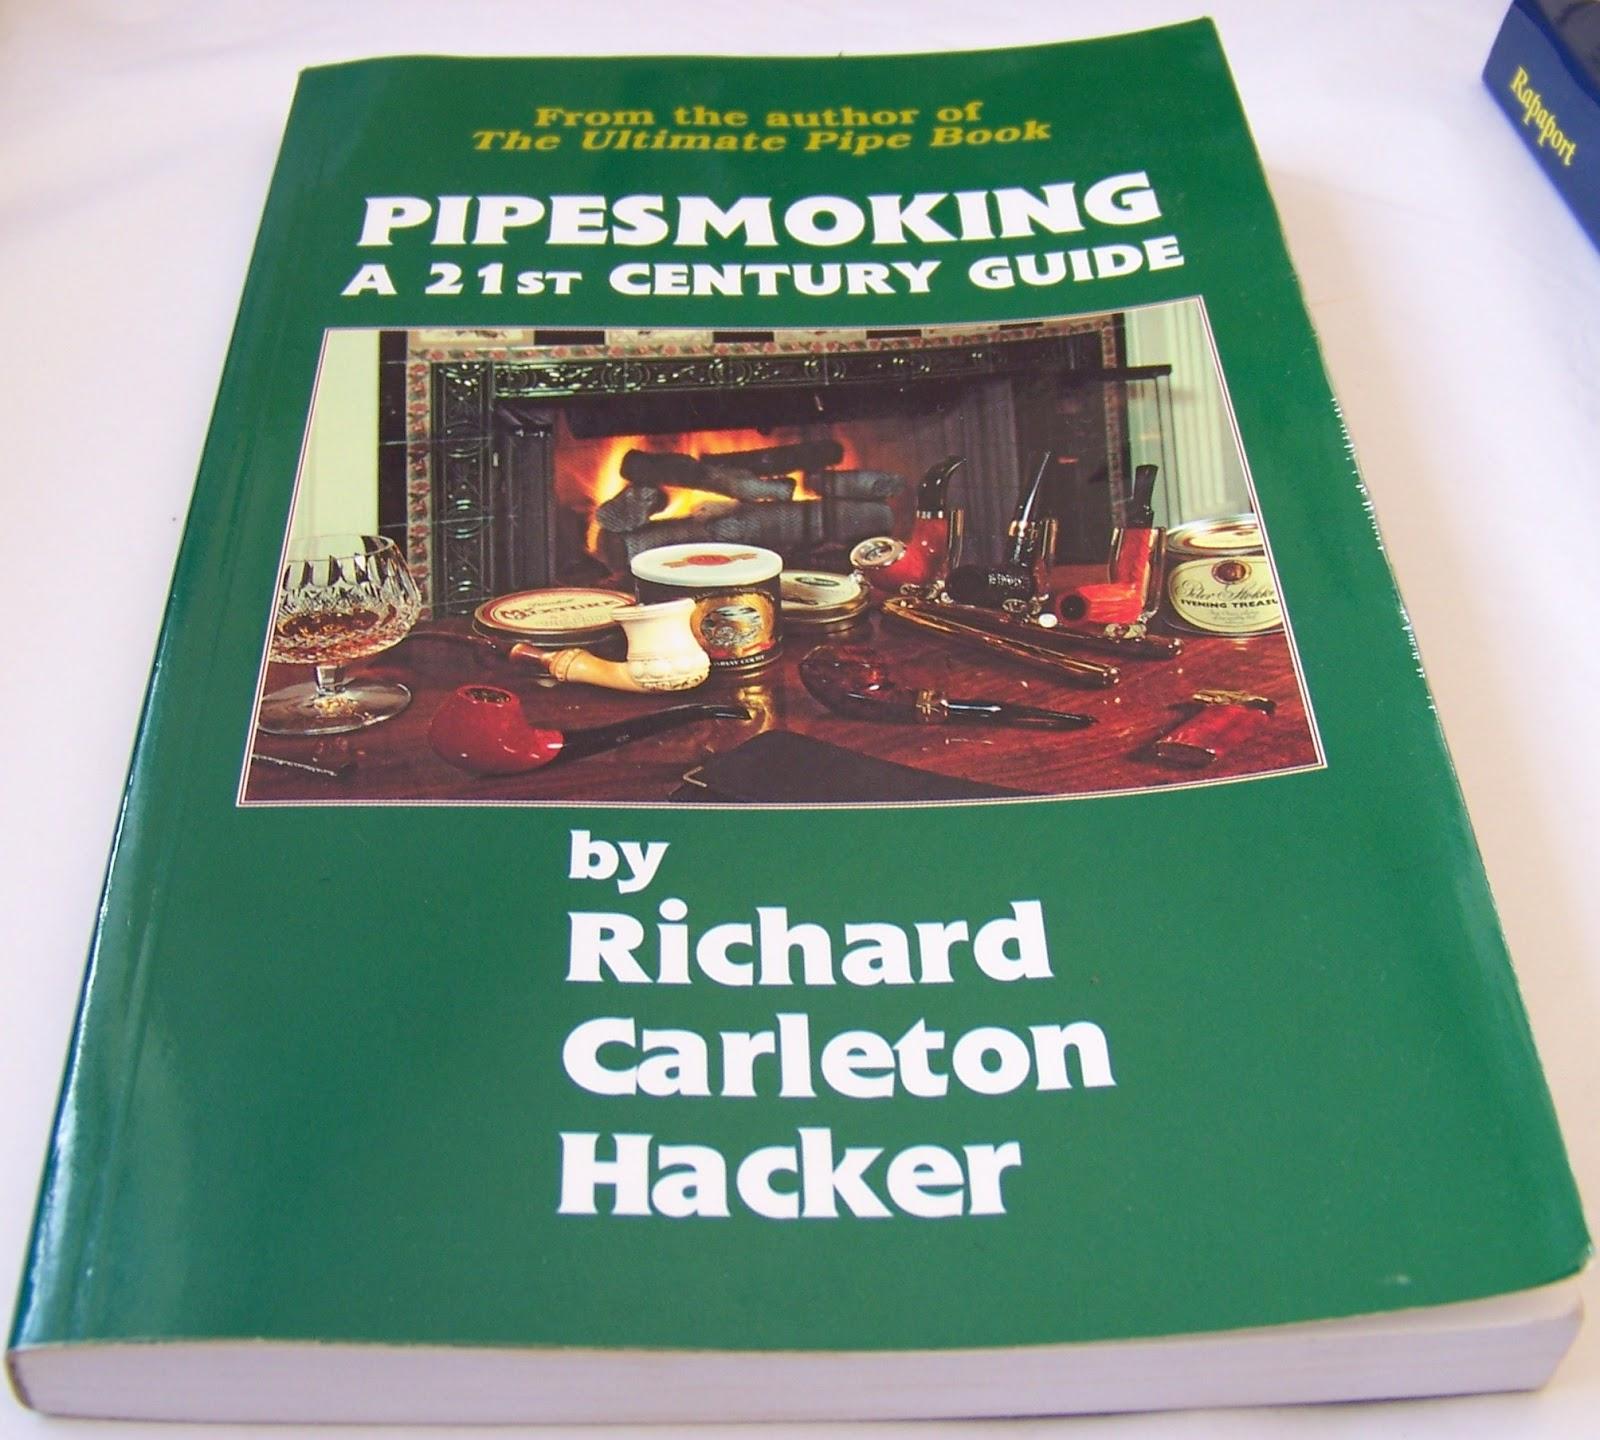 Pipesmoking: A 21st Century Guide Richard Carleton Hacker